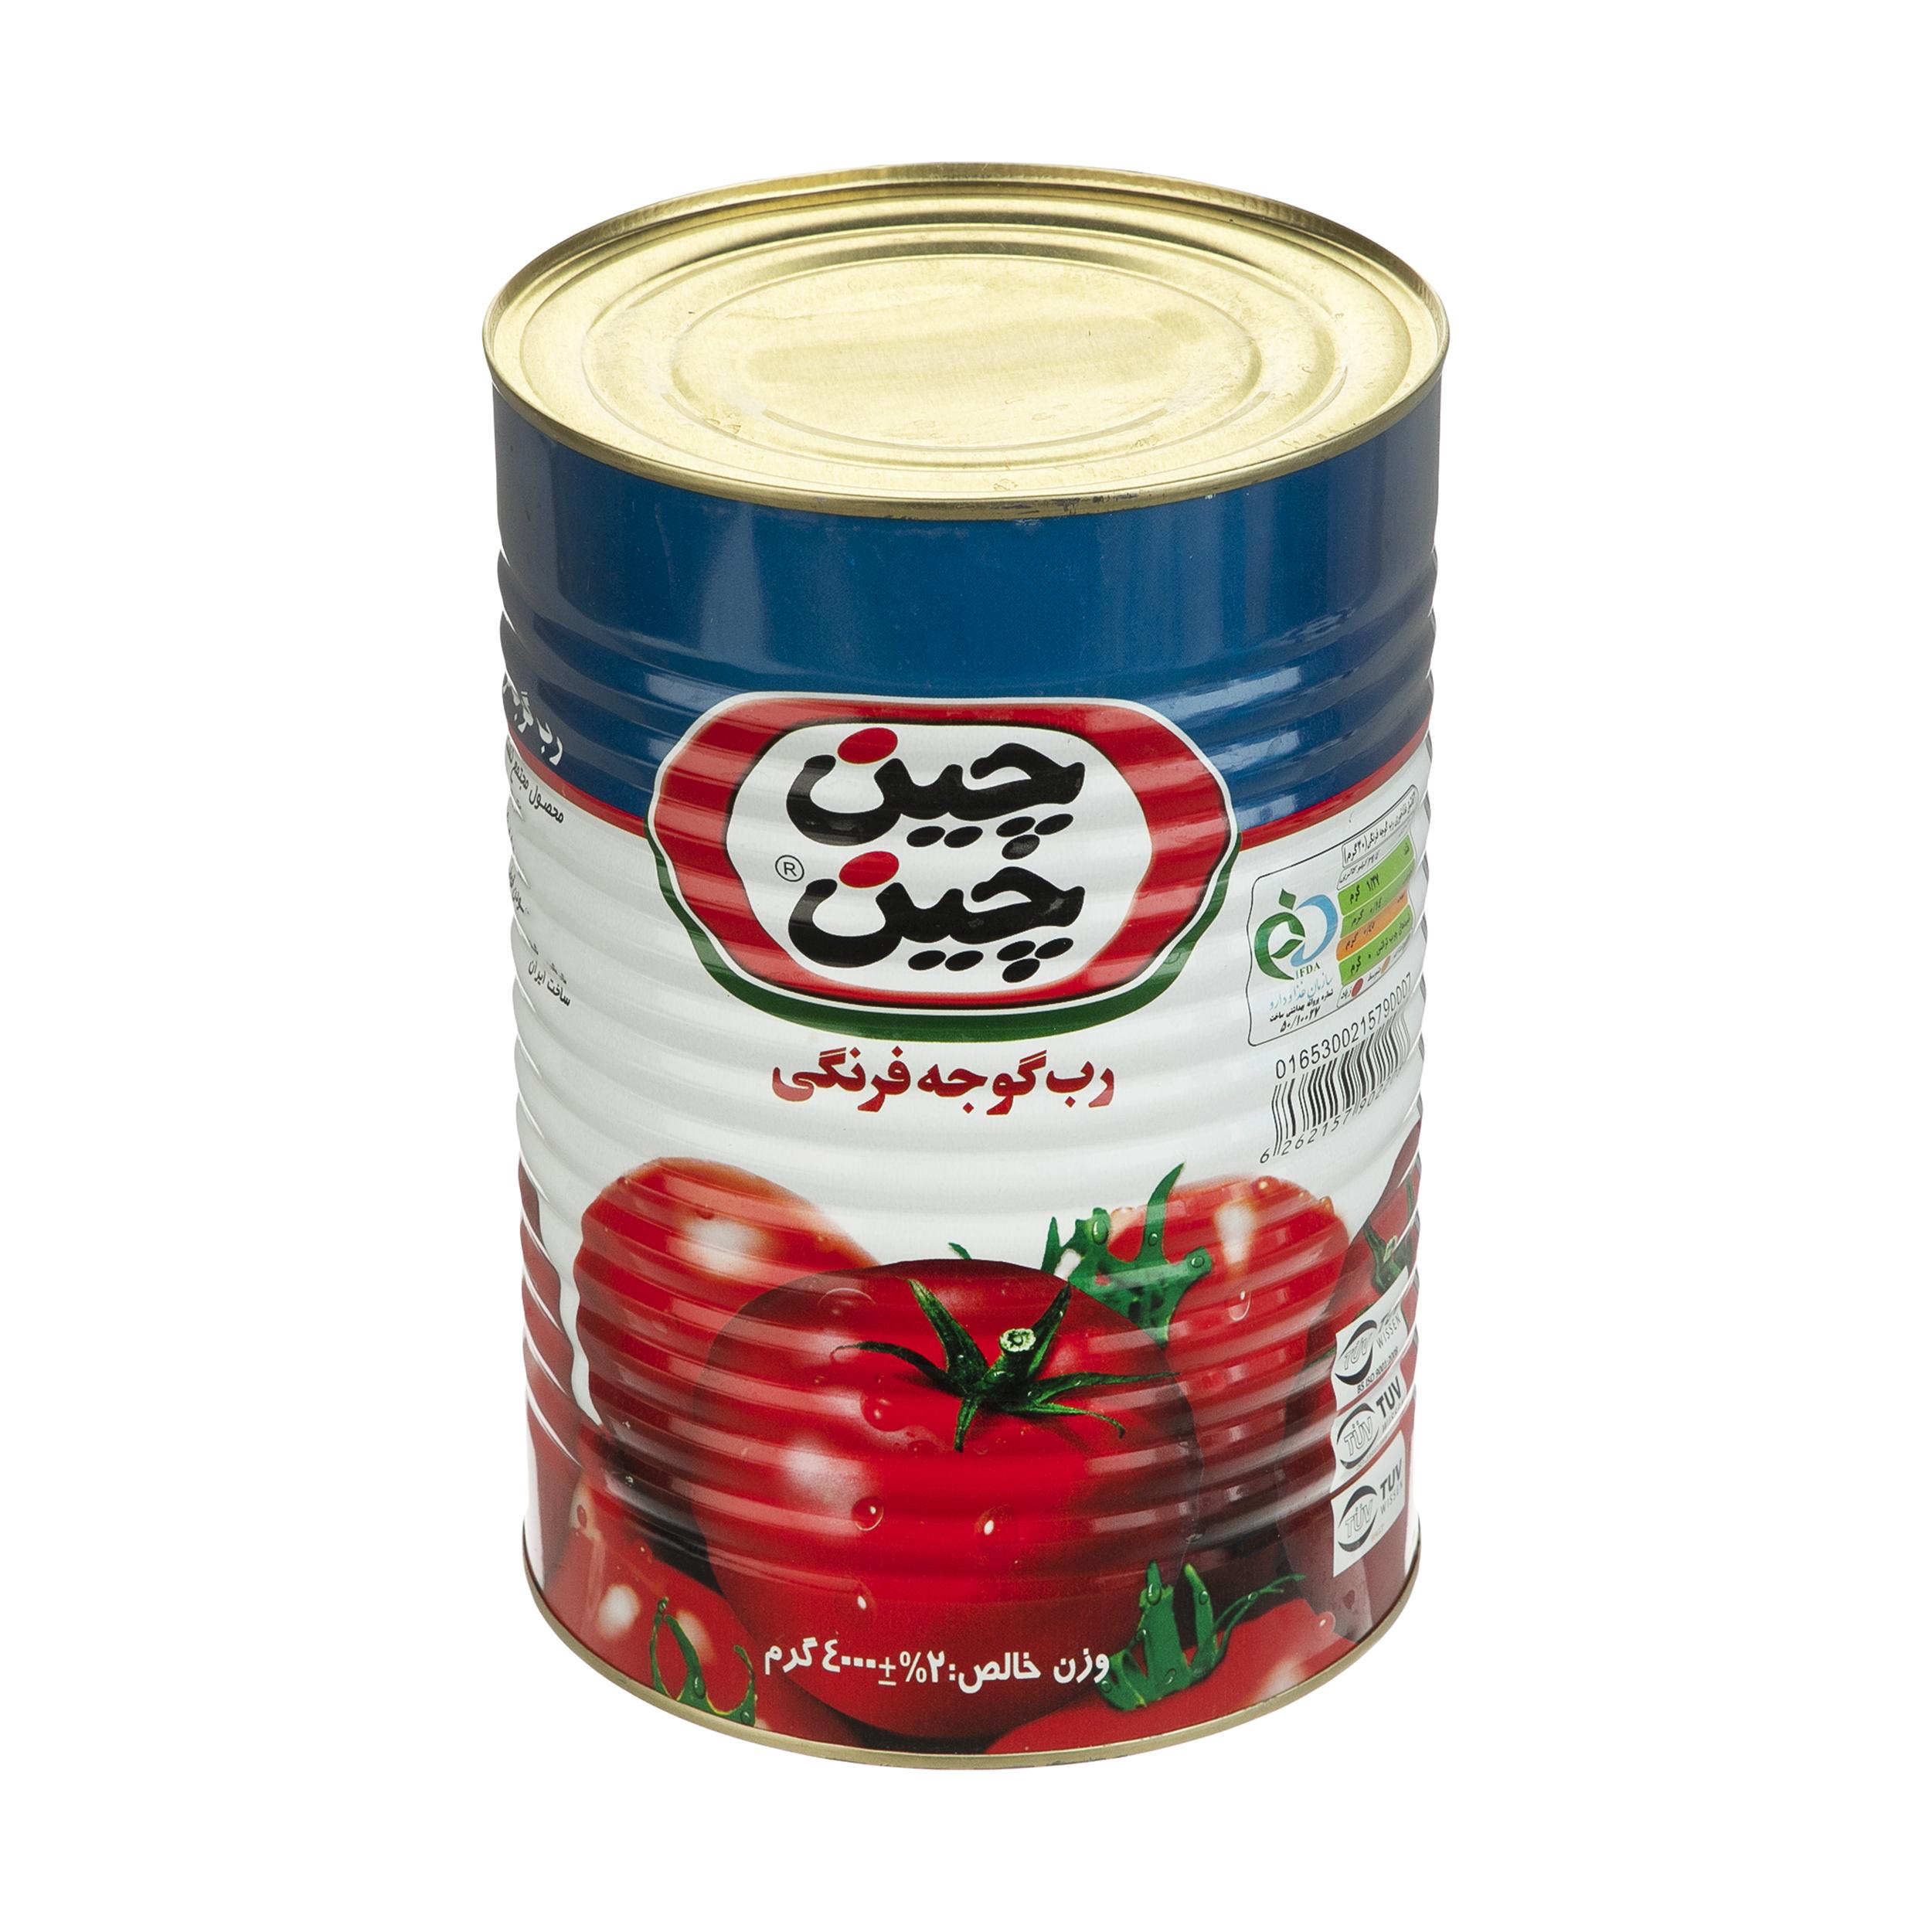 رب گوجه فرنگی چین چین - 4 کیلوگرم